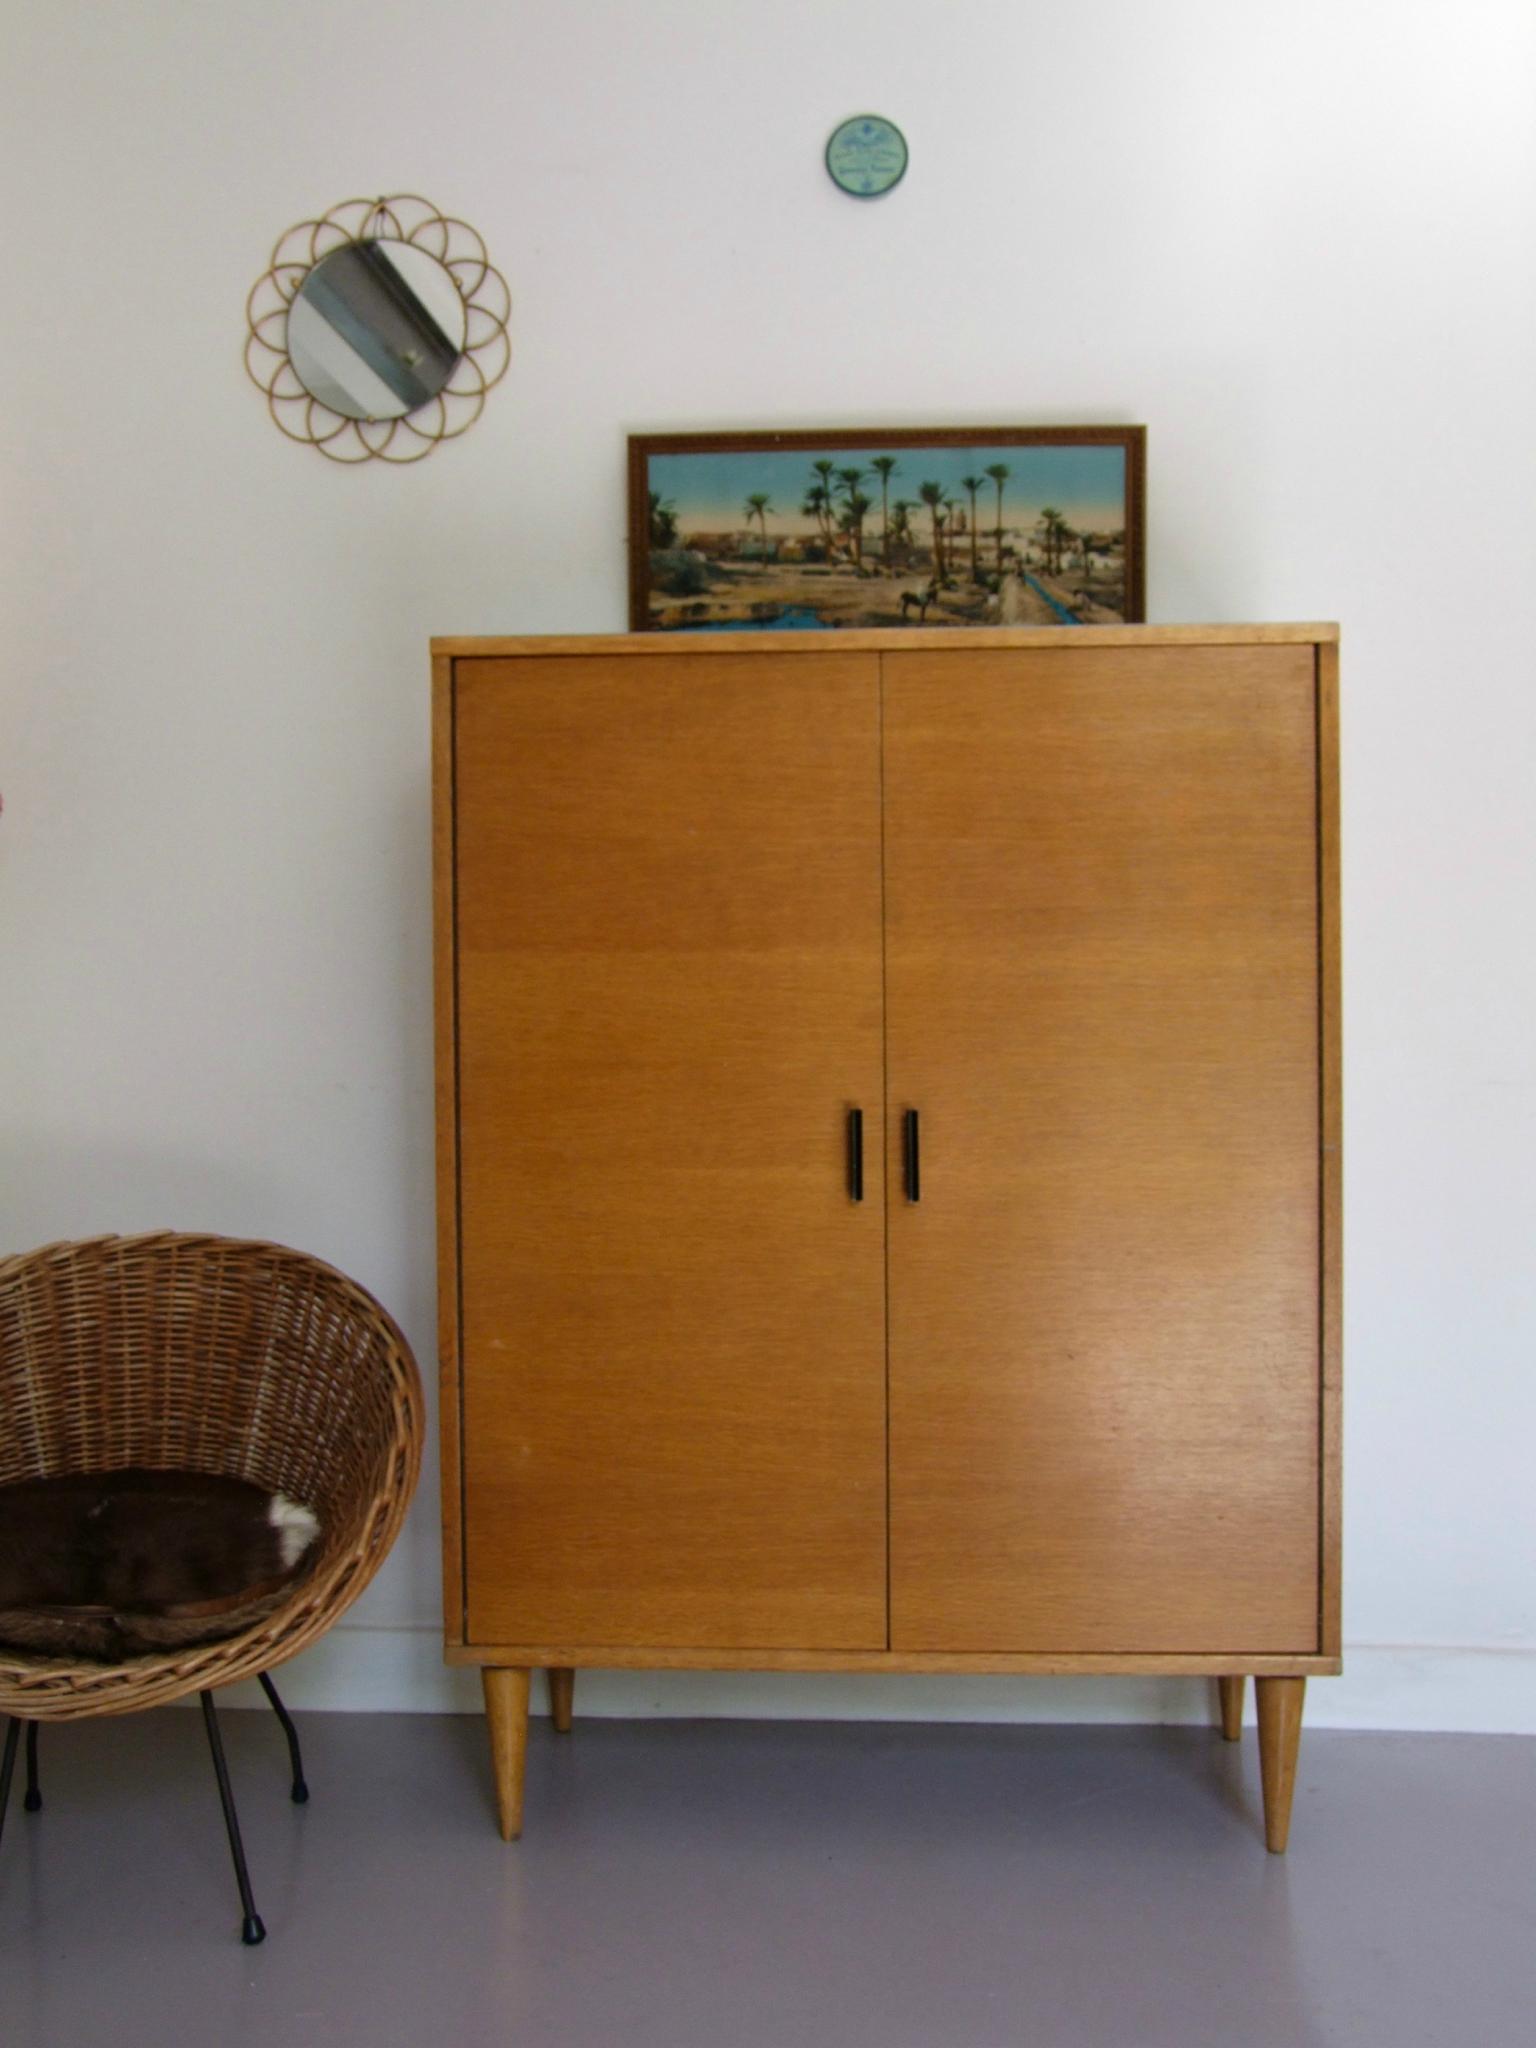 Fraiche Salle De Bain Vintage Occasion Id Es De Design Maison Et  # Meuble Vintage Occasion